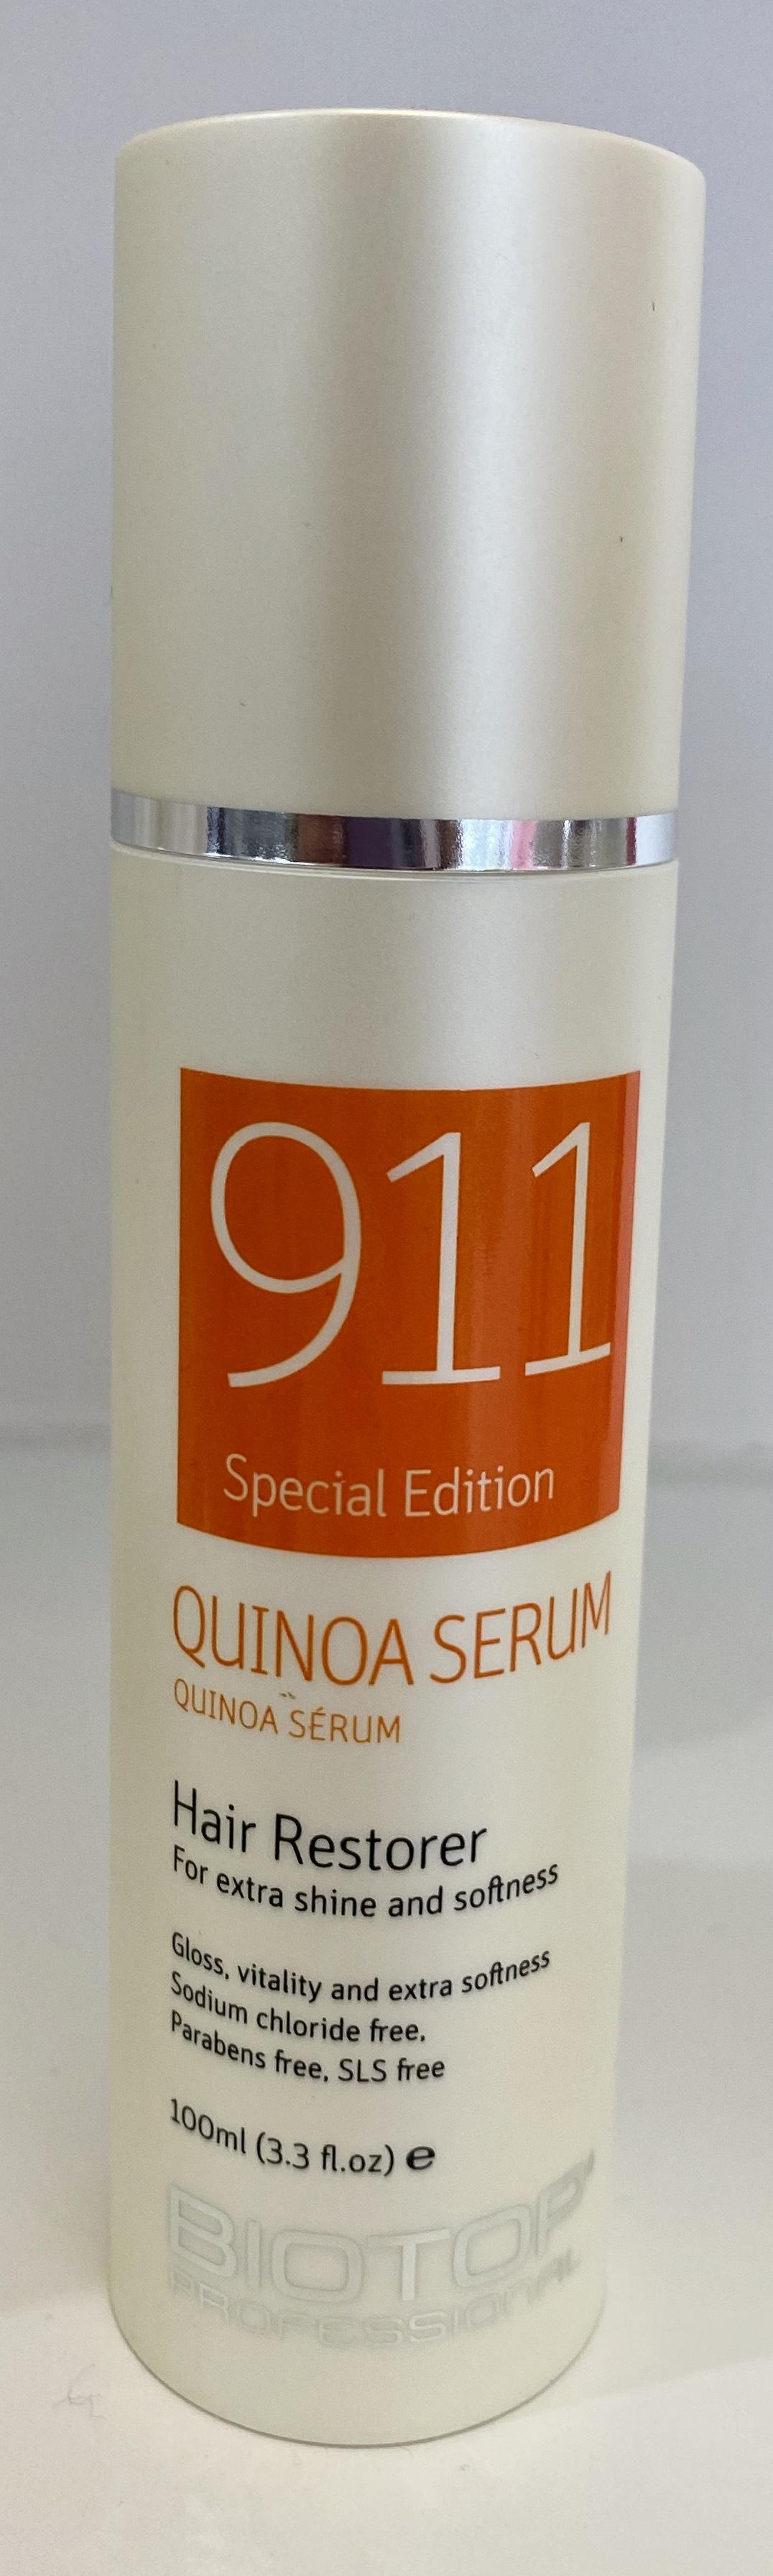 911 Quinoa Serum